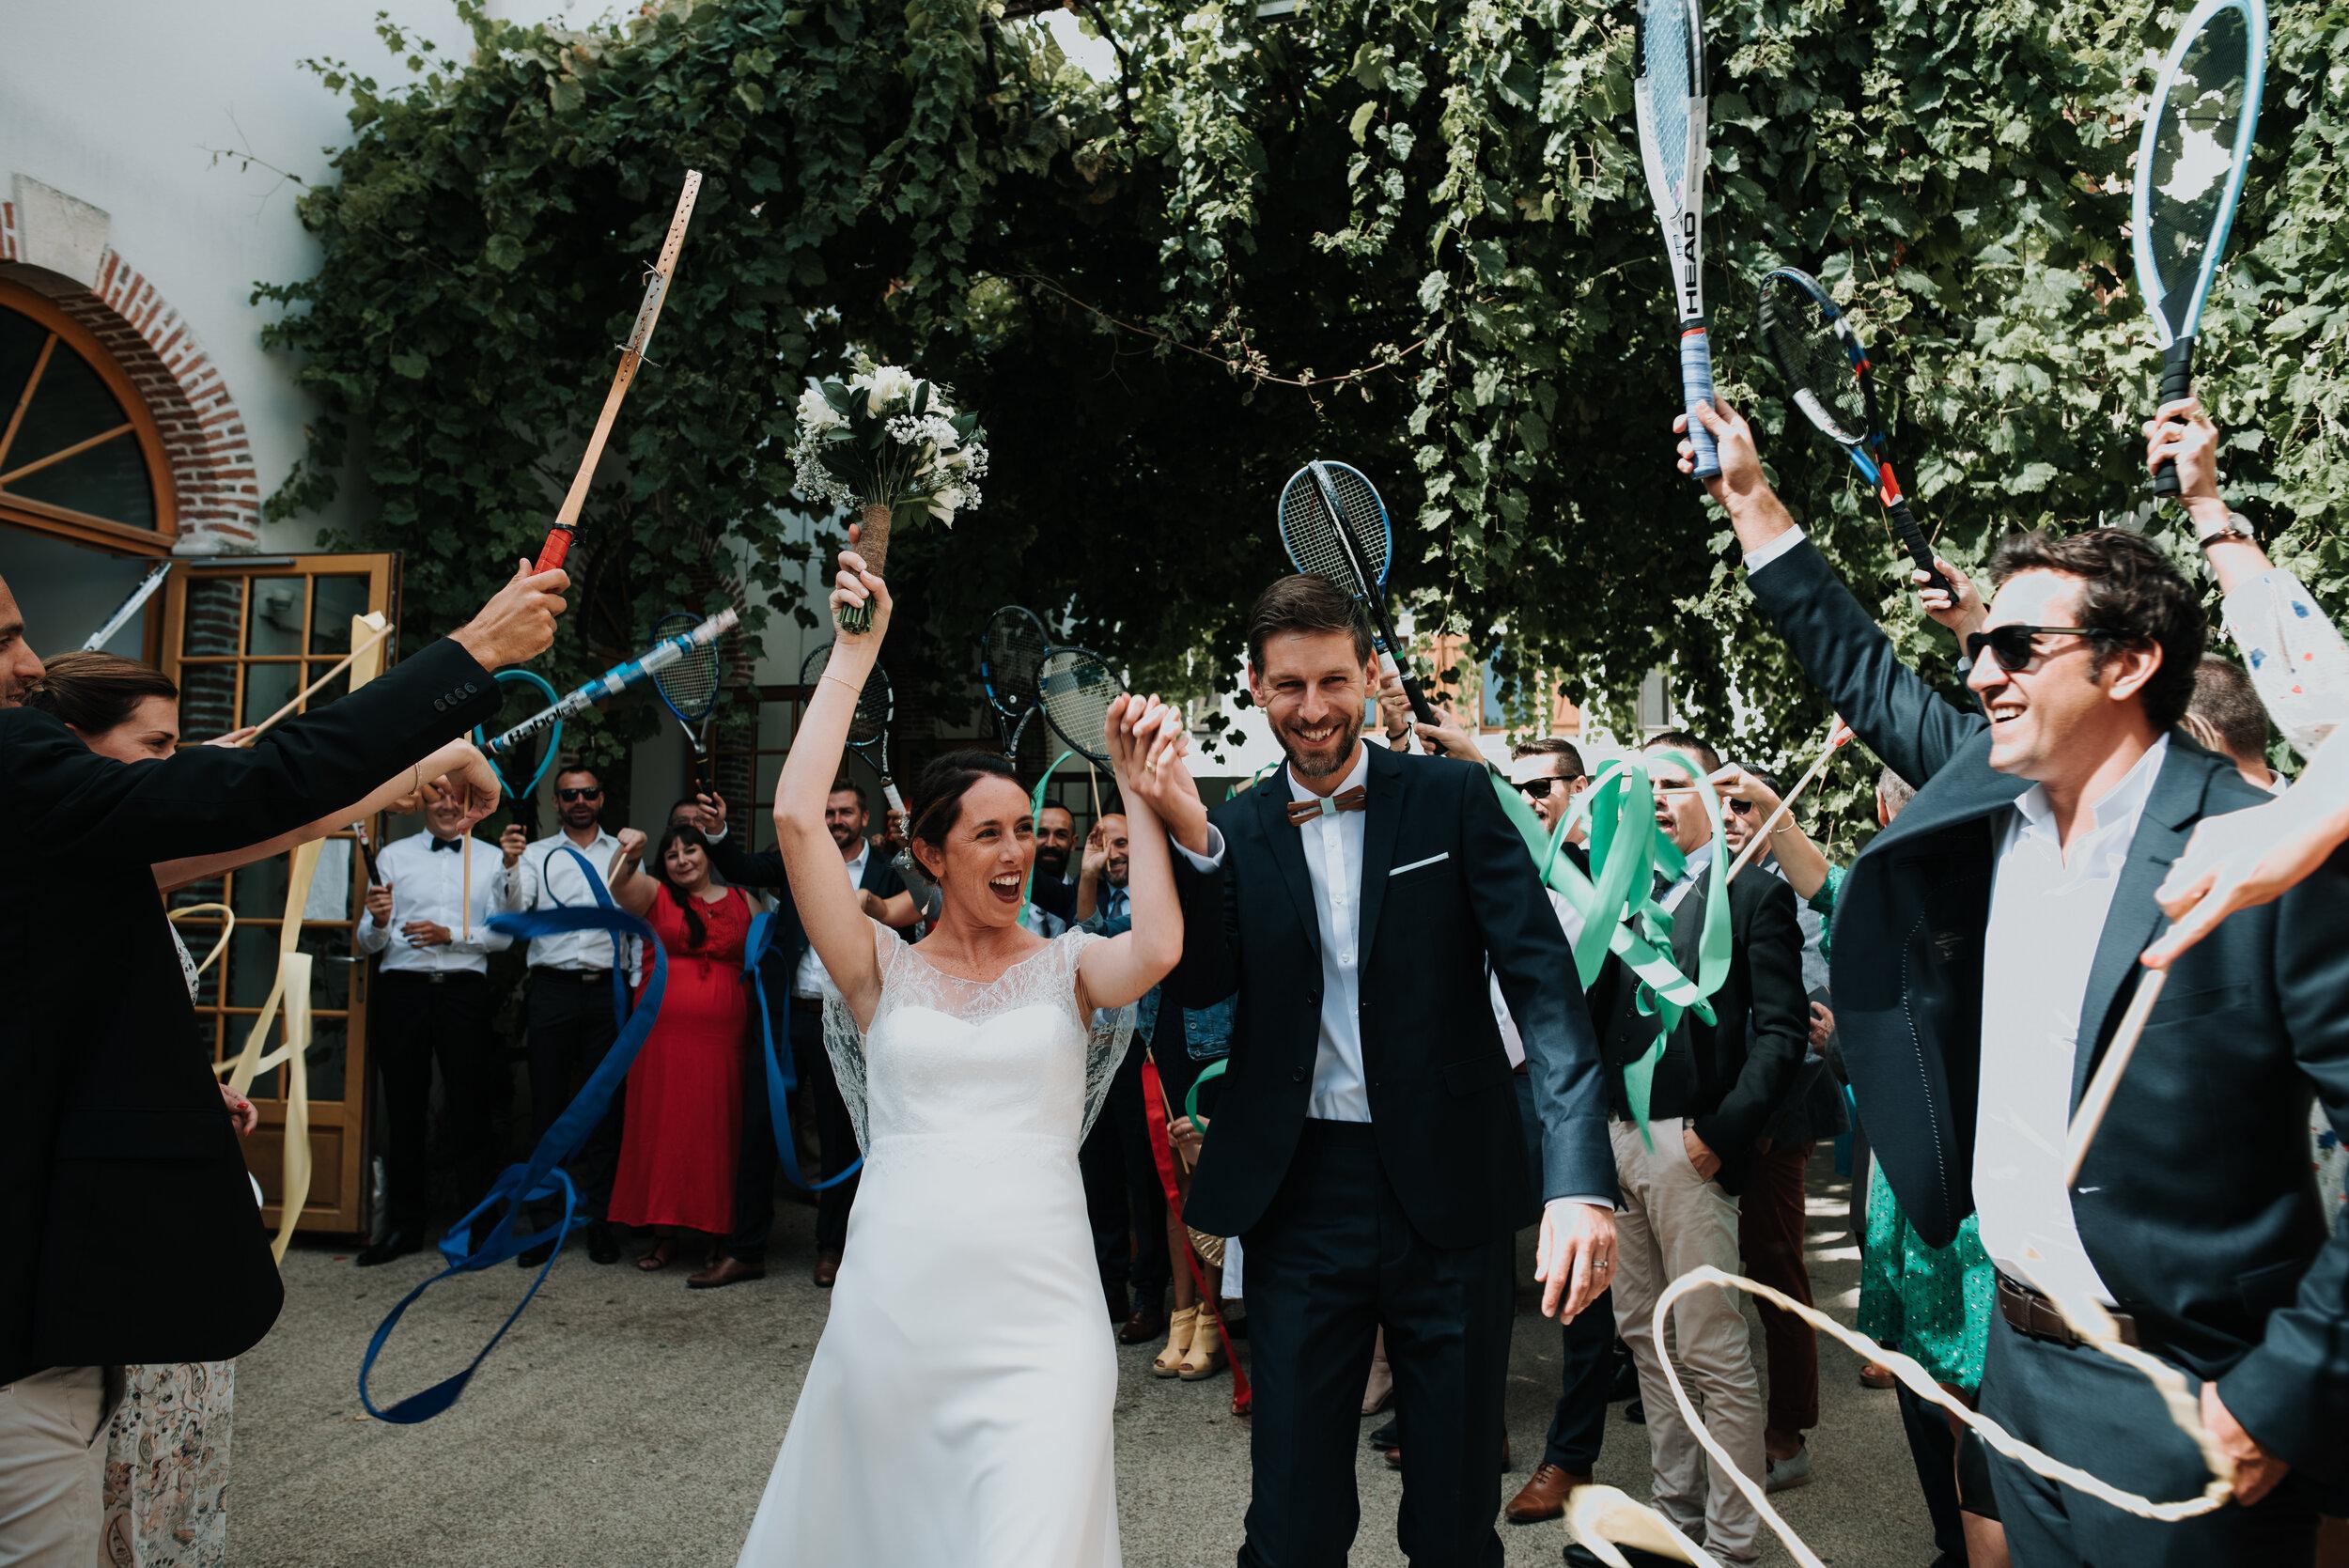 Léa-Fery-photographe-professionnel-Bretagne-portrait-creation-mariage-evenement-evenementiel-famille-6533.jpg